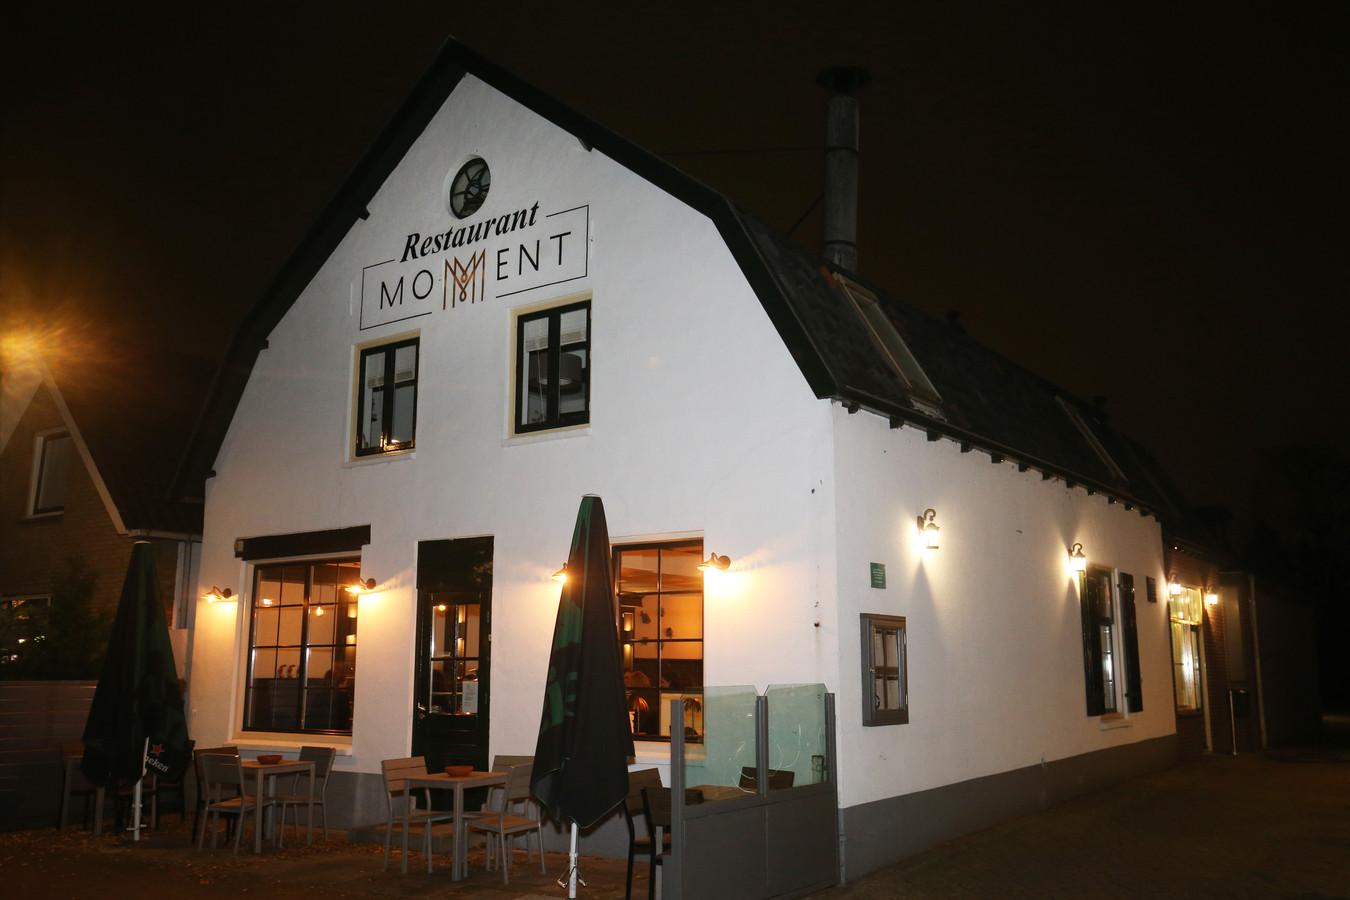 Restaurant Moment op de Zandweg in De Meern